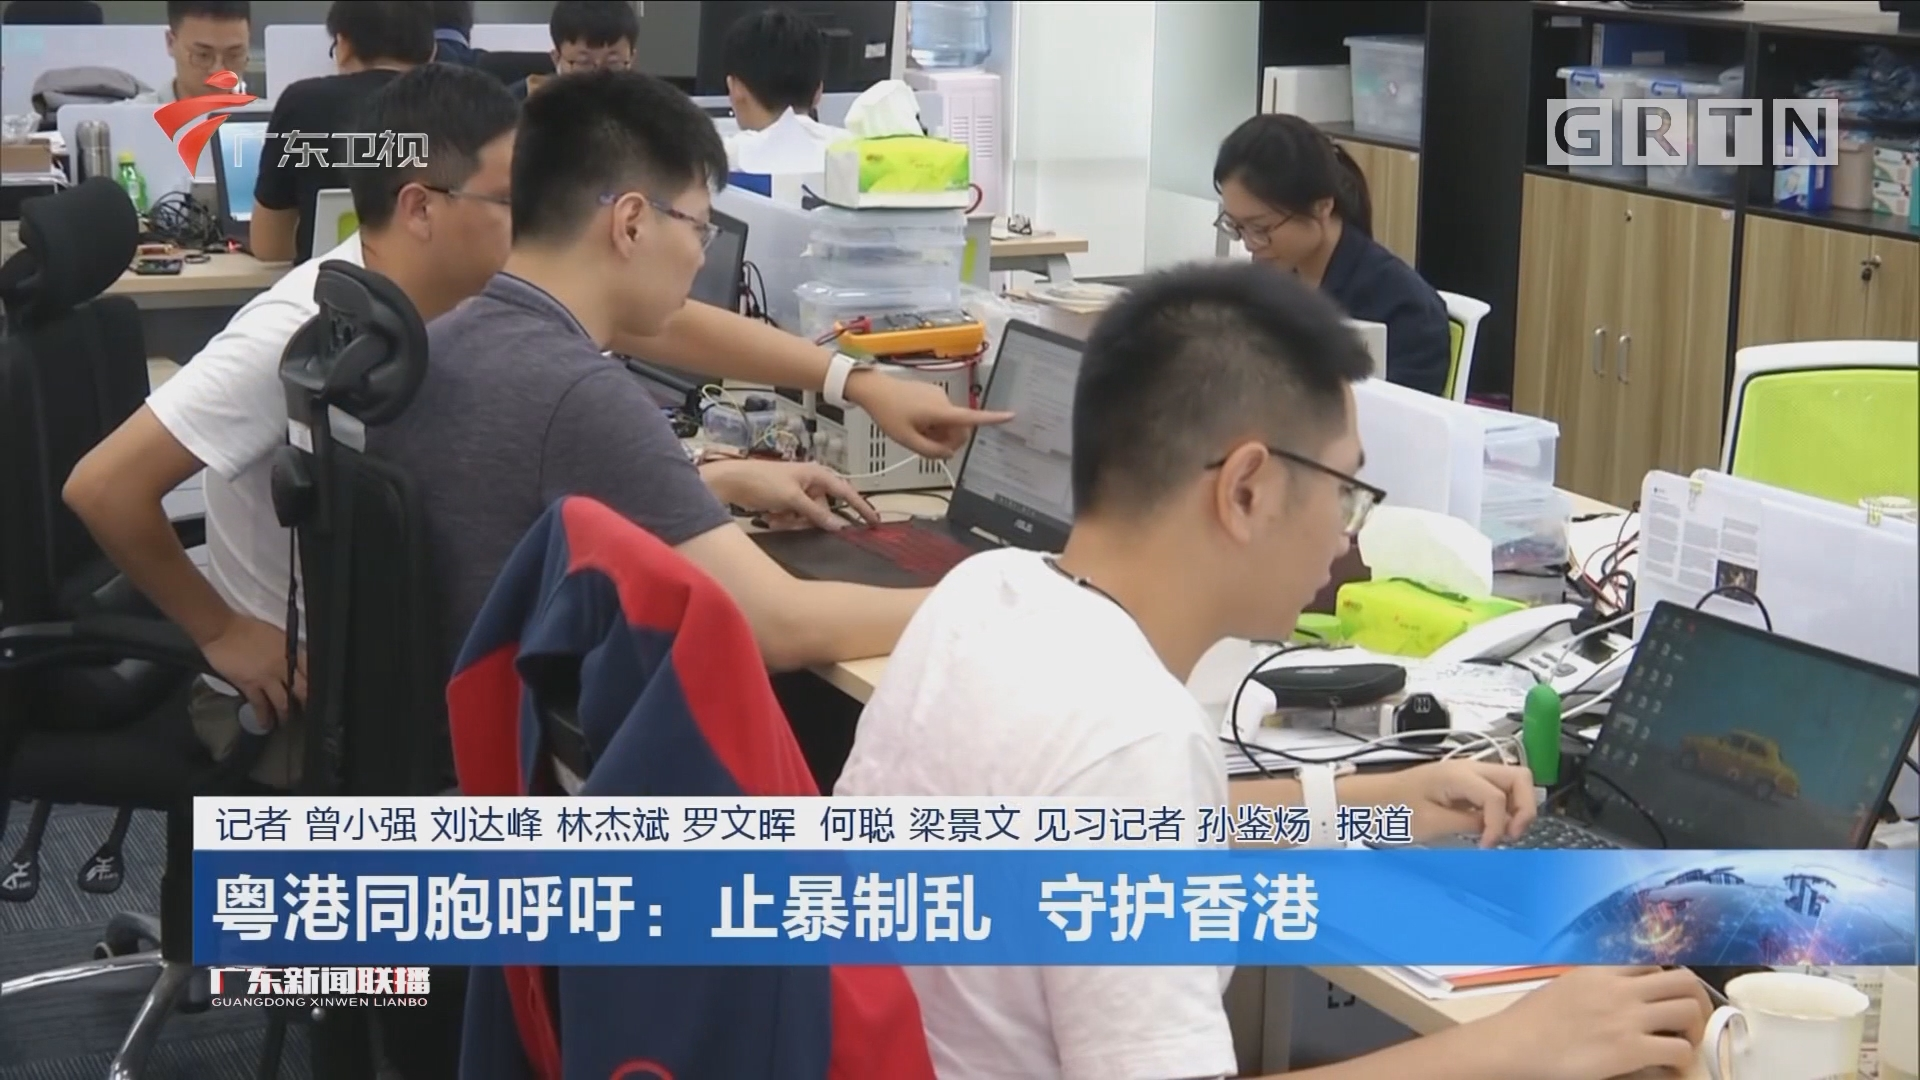 粤港同胞呼吁:止暴制乱 守护香港